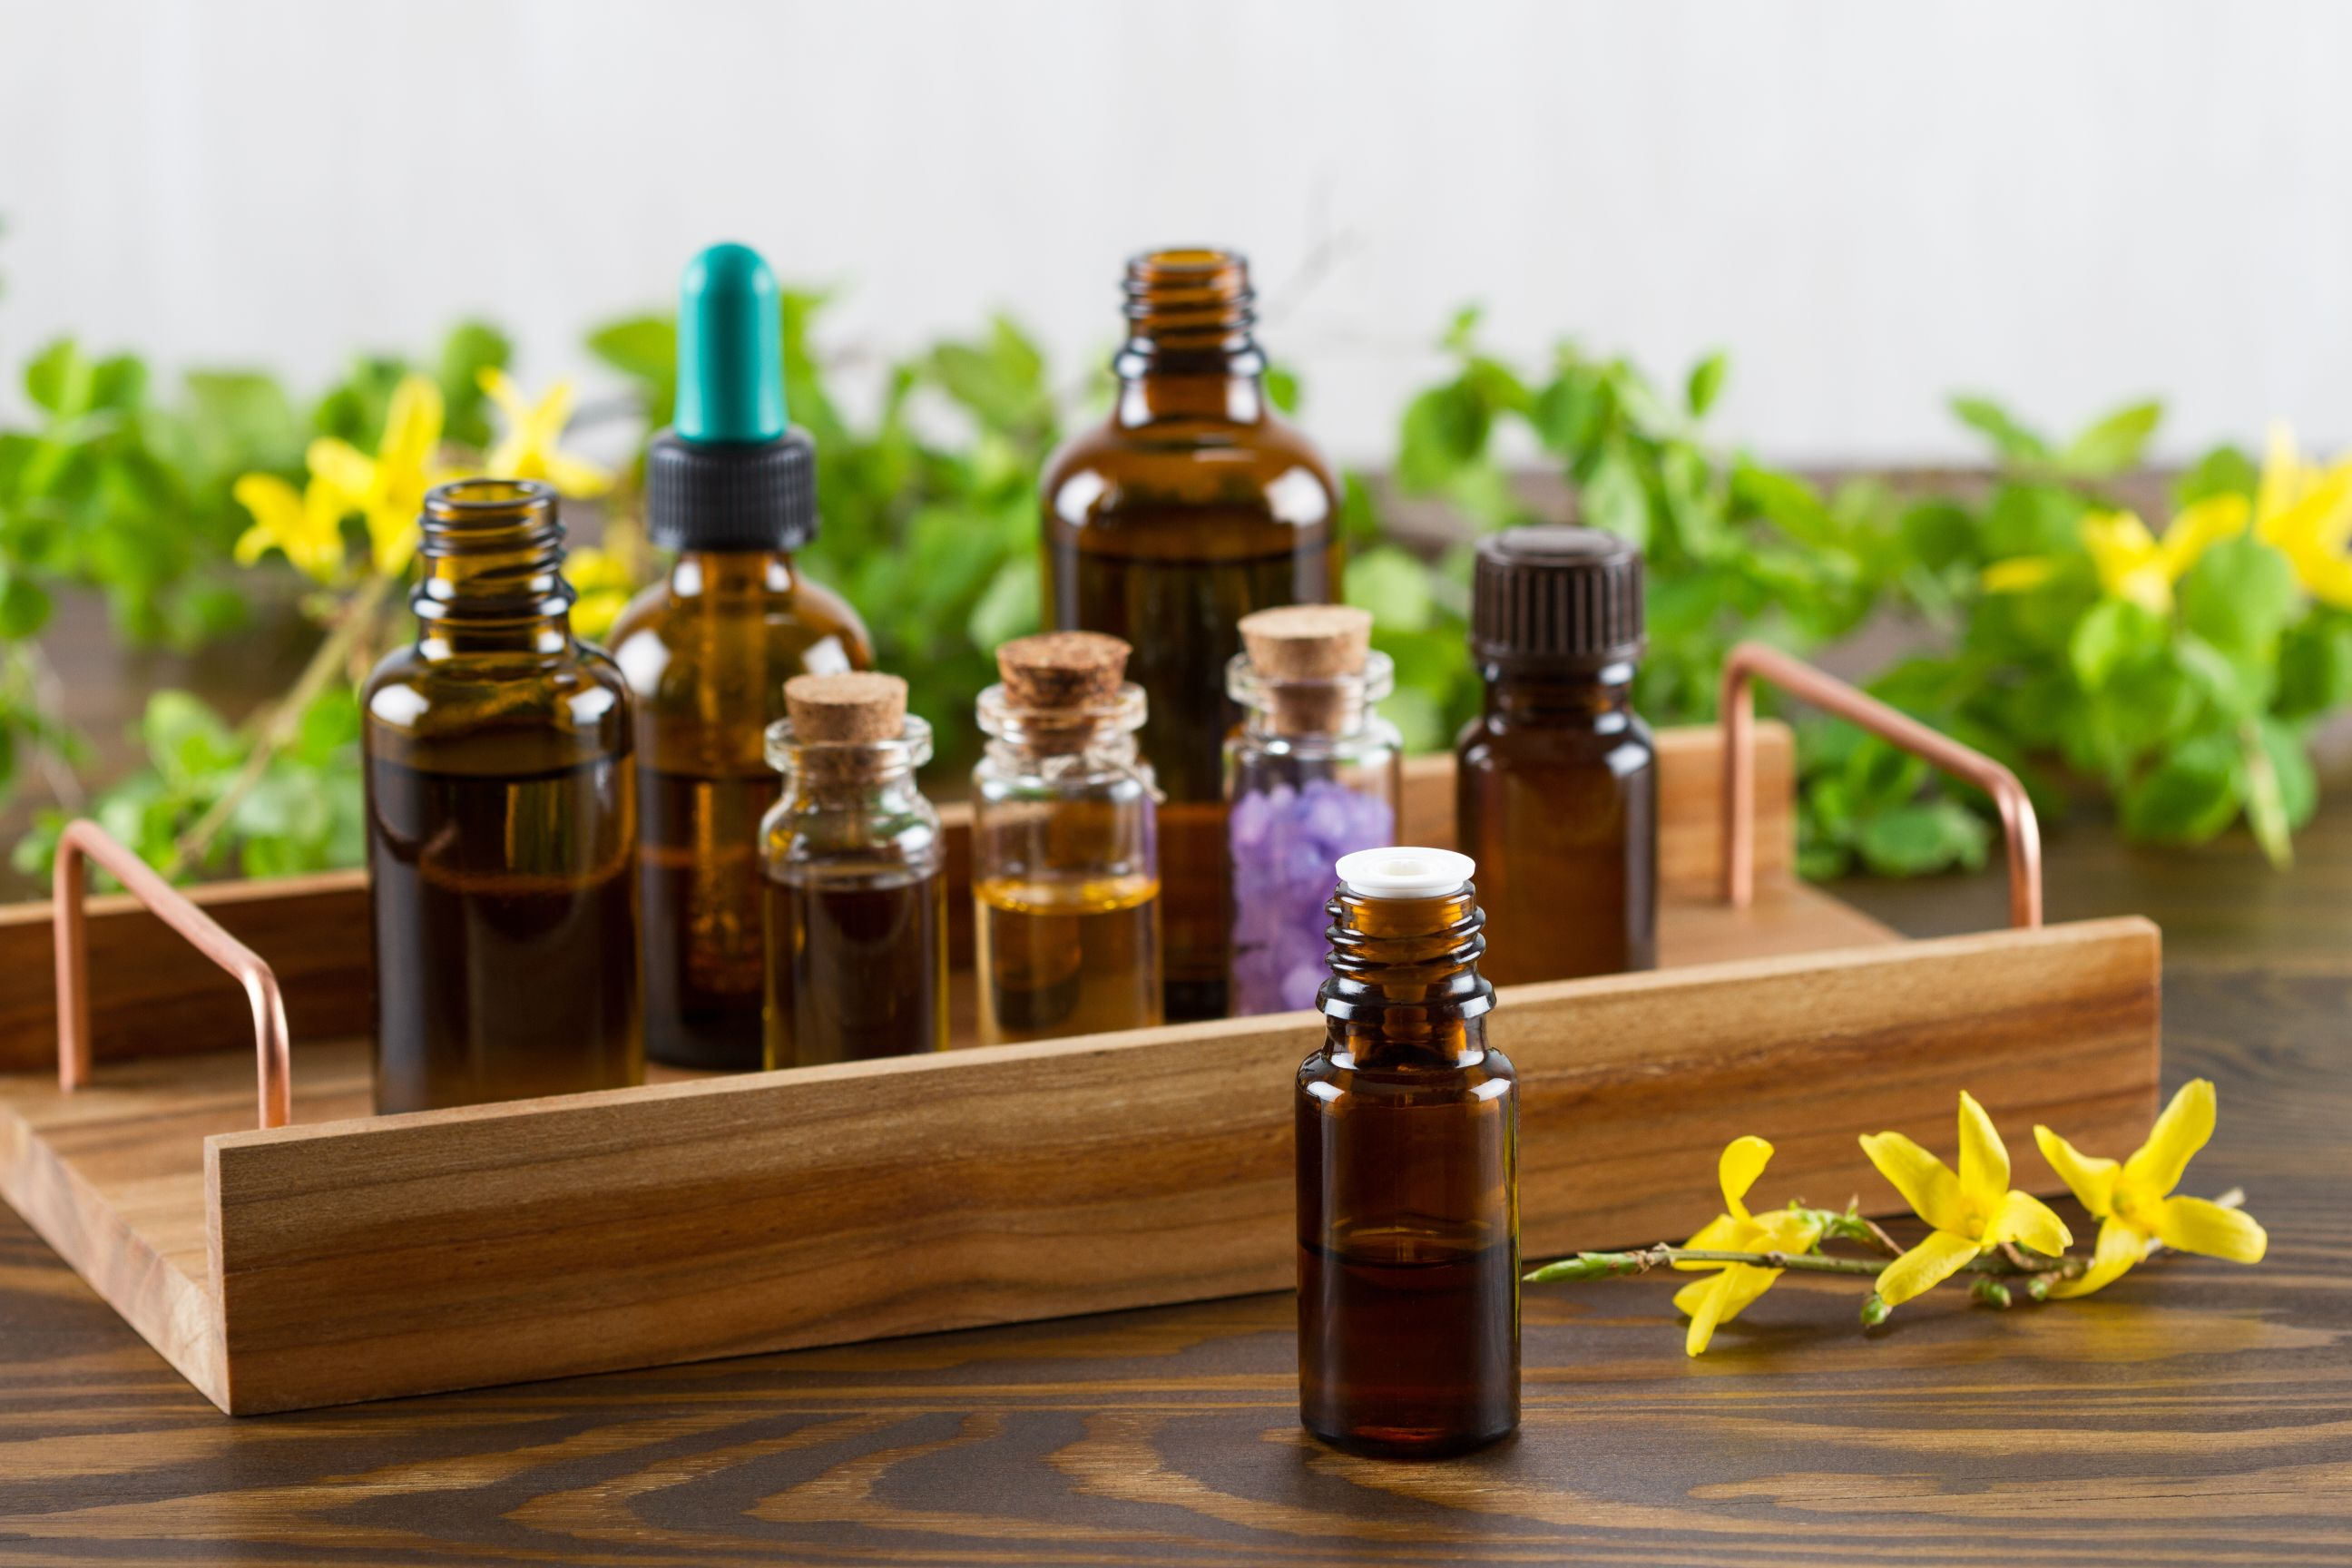 best-aromatherapy-essential-oils-farmington-ut-usa